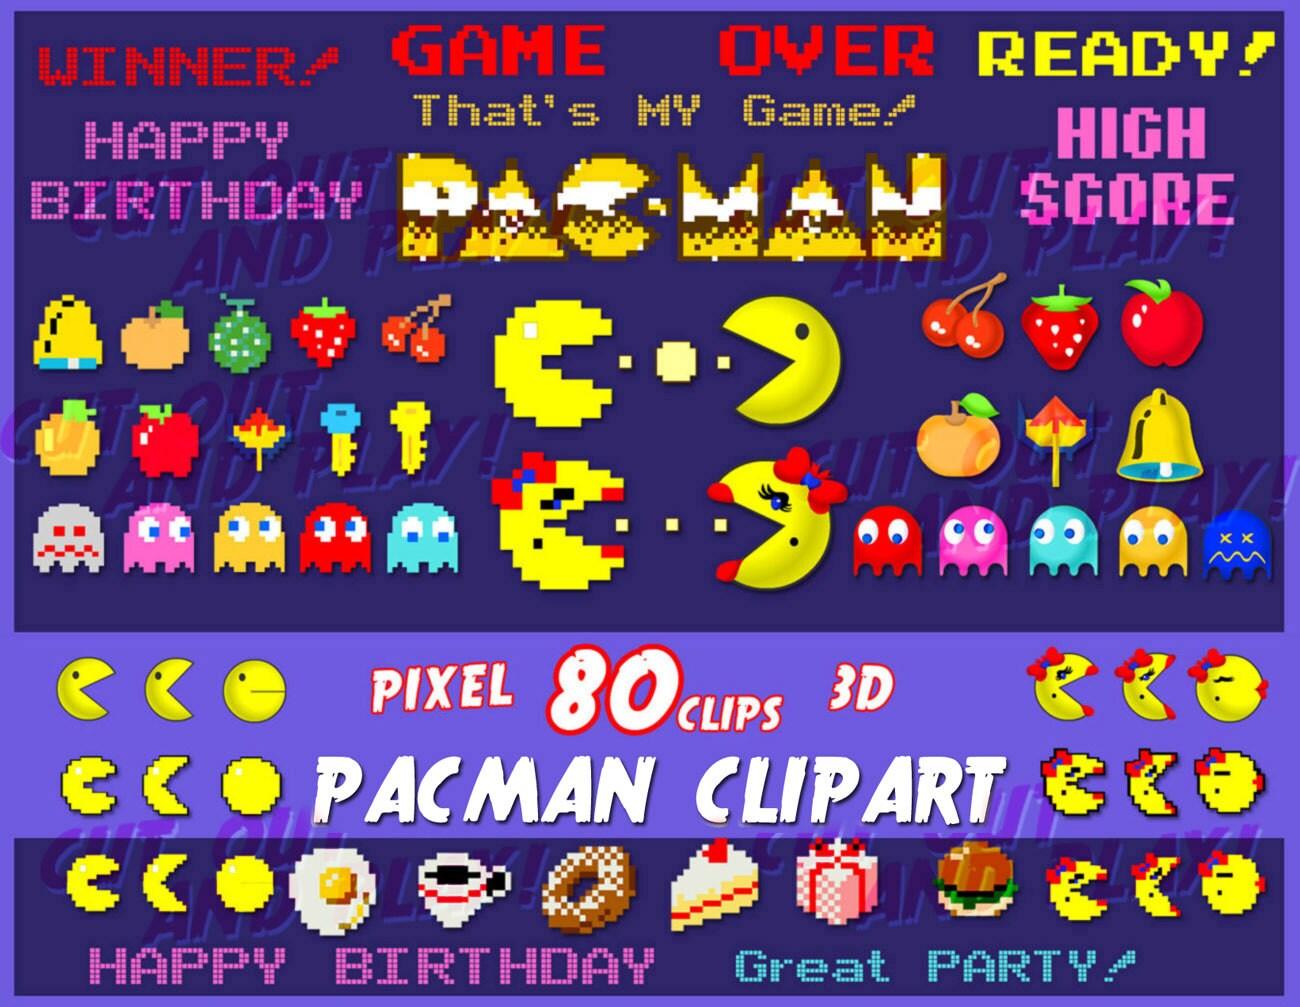 Pacman clipart, arcade clipart, pixel clipart, pacman ...